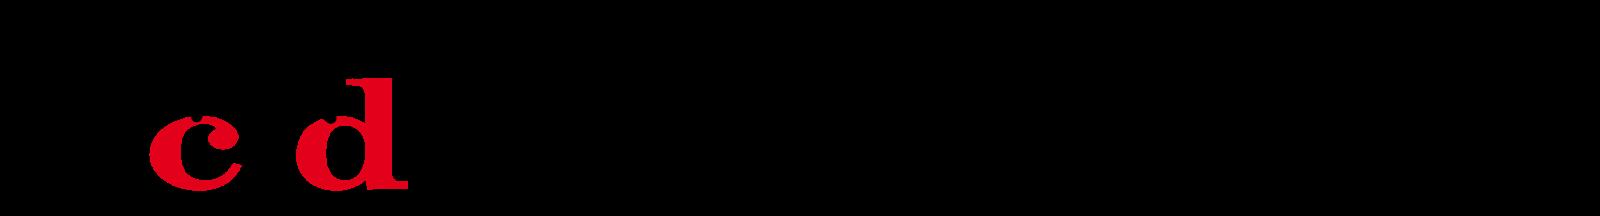 Acid Black Cherryの画像 p1_1